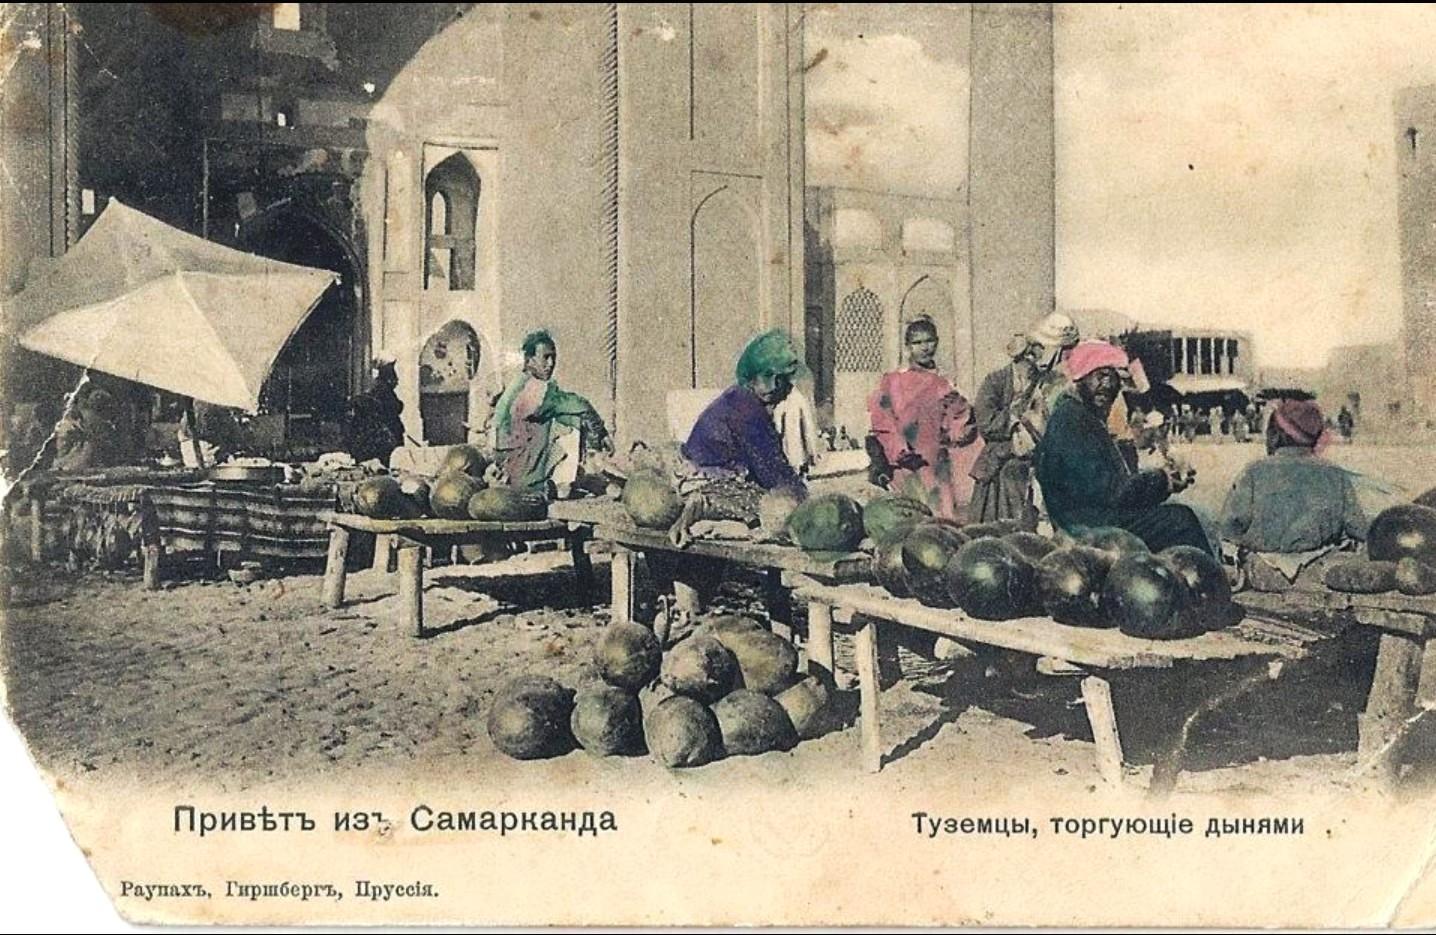 Туземцы, торгующие дынями